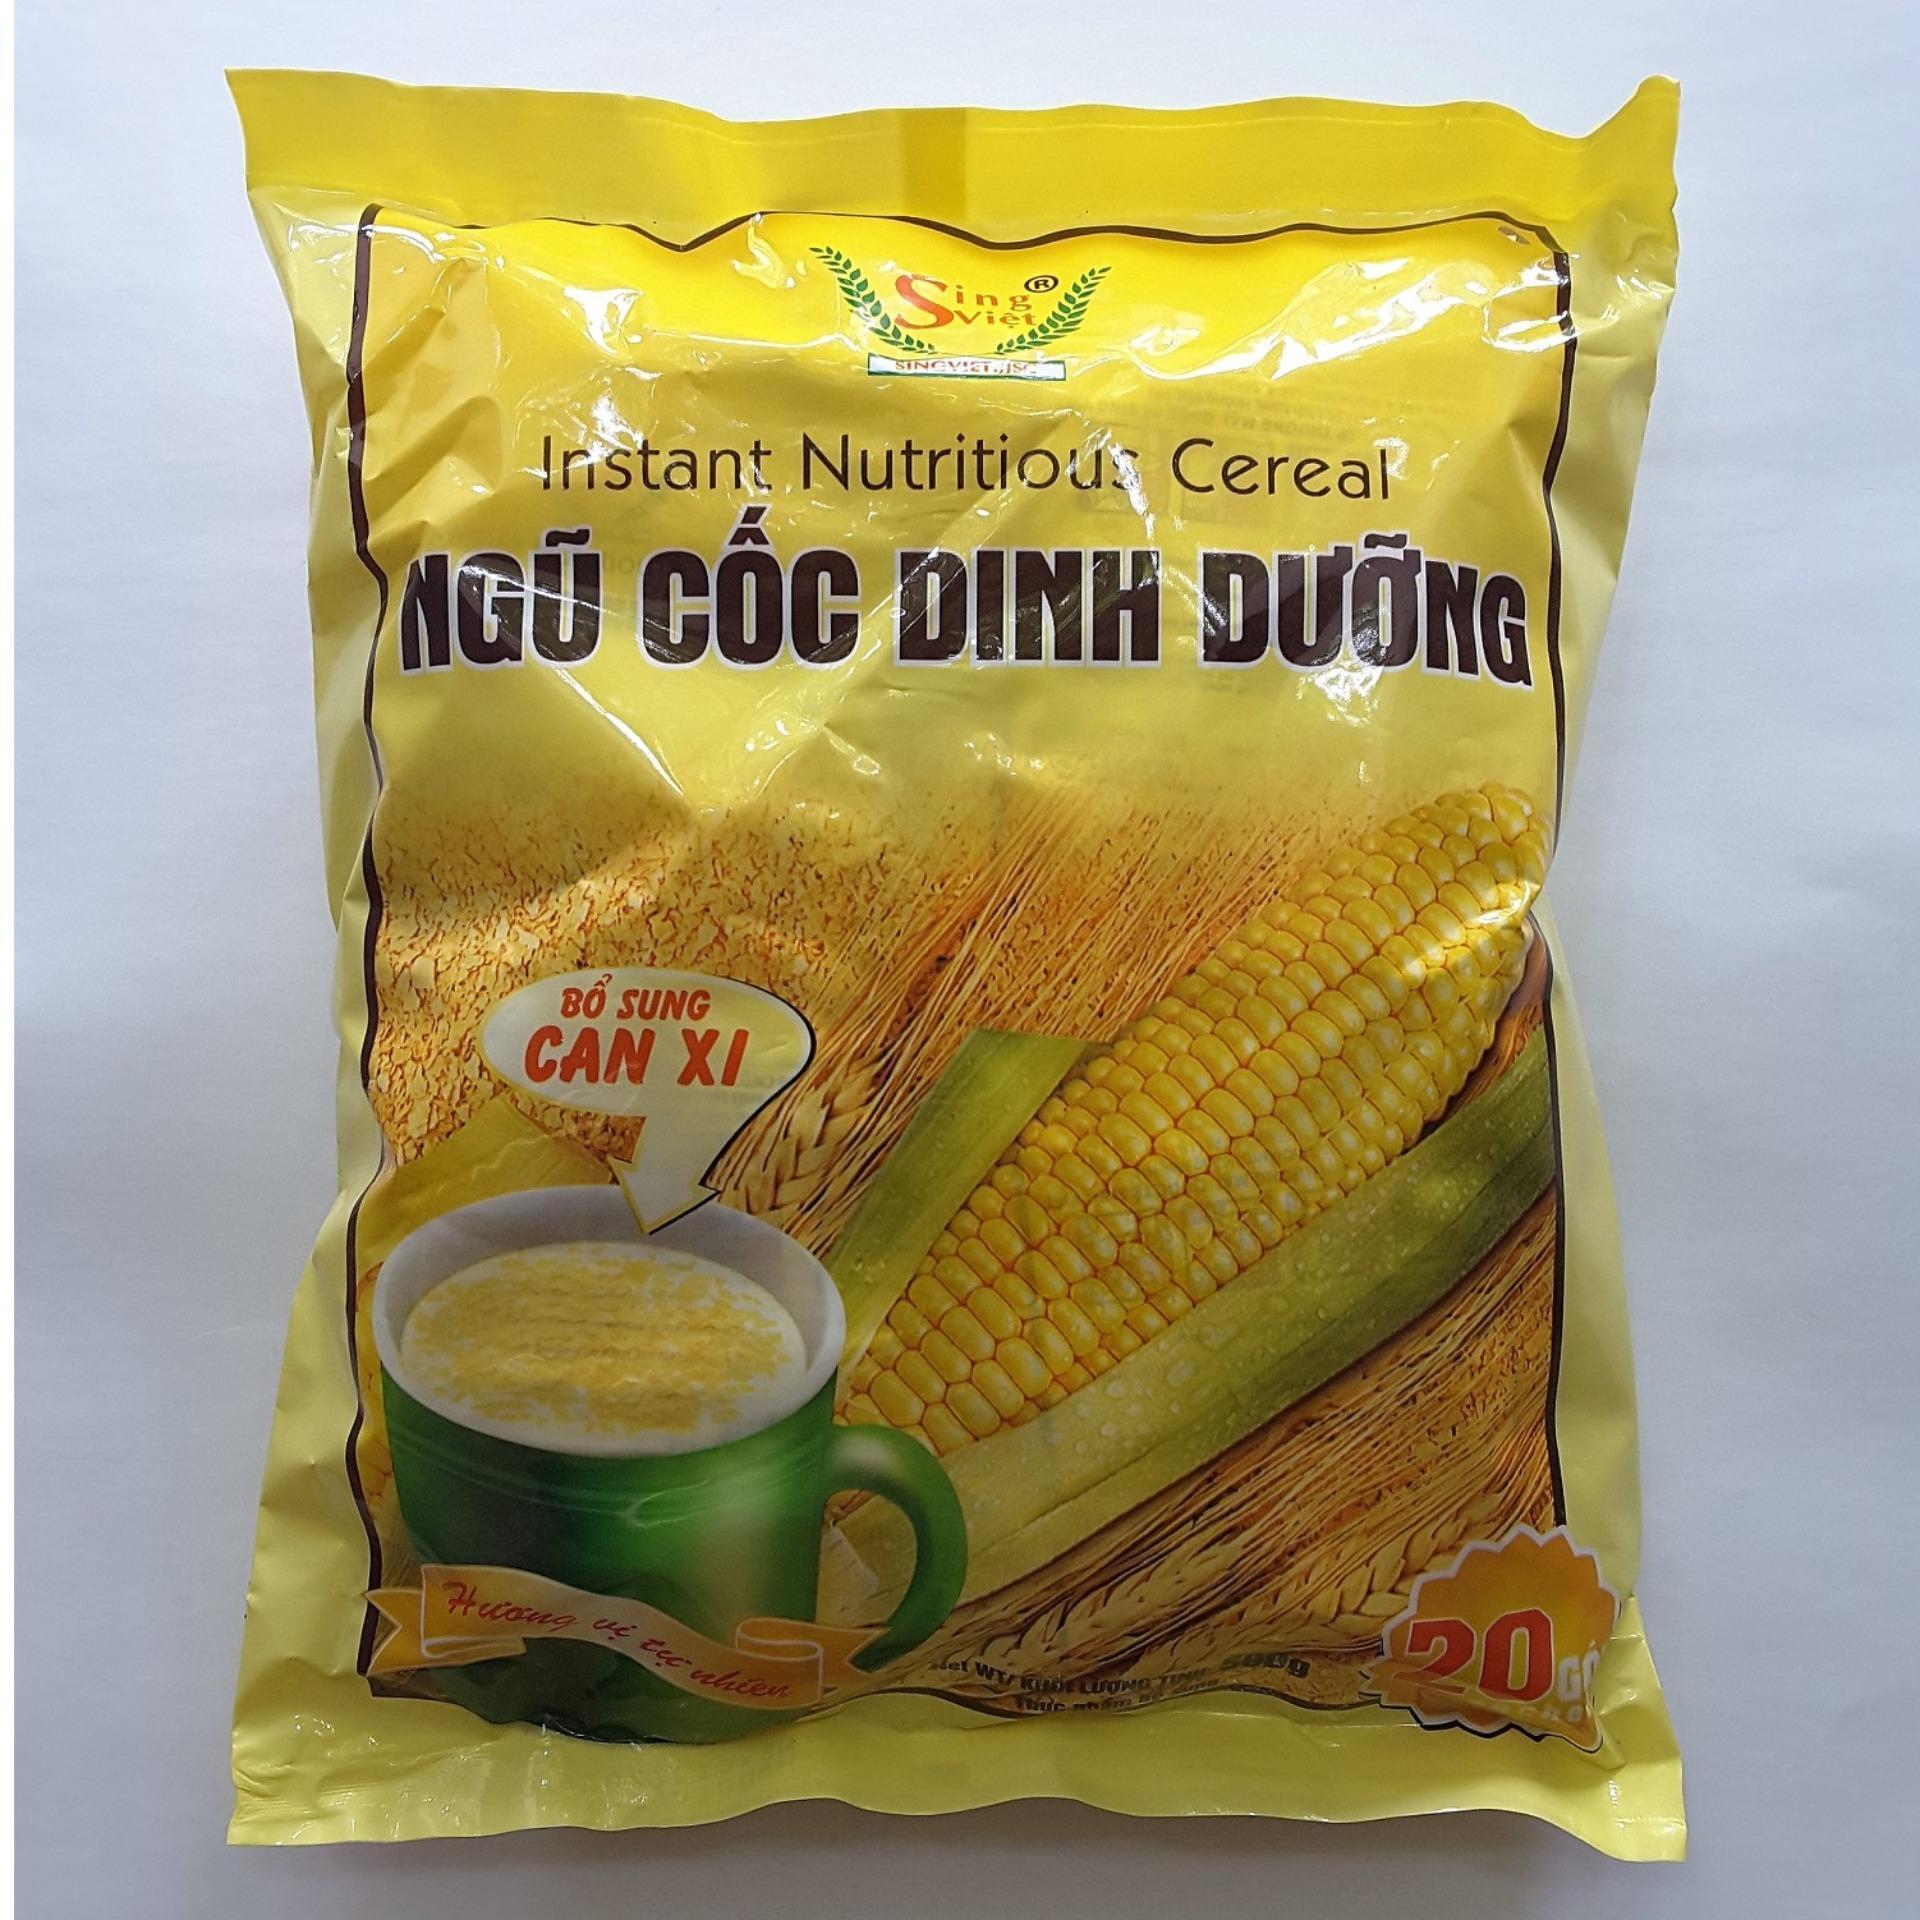 Ngũ cốc dinh dưỡng (Bổ sung can xi) Sing Việt -500gr -NPP HS shop